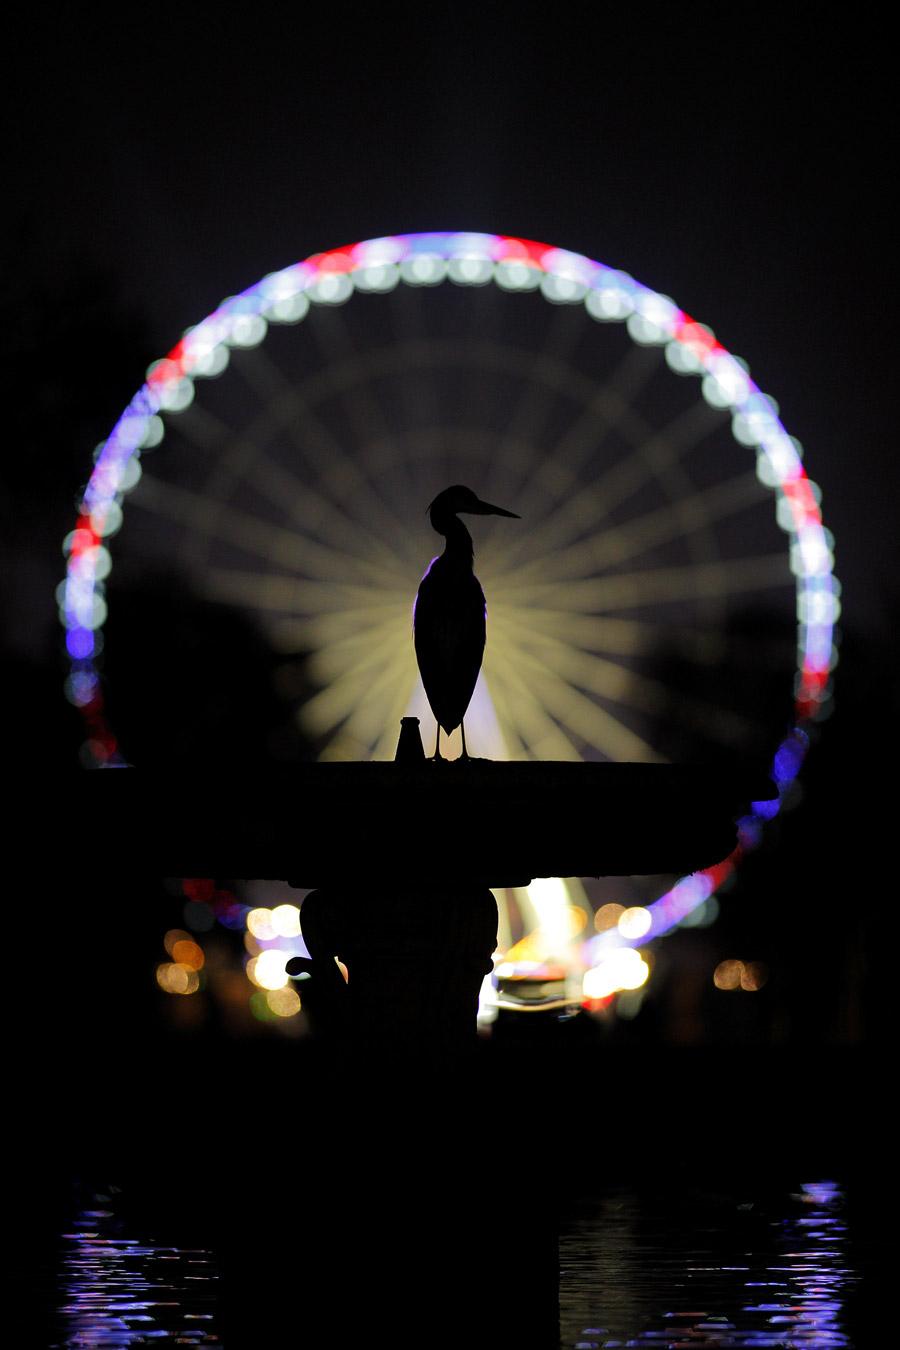 Парижский павлин, © Натан Ливартовски, Победитель, Фотоконкурс «Золотая Черепаха»